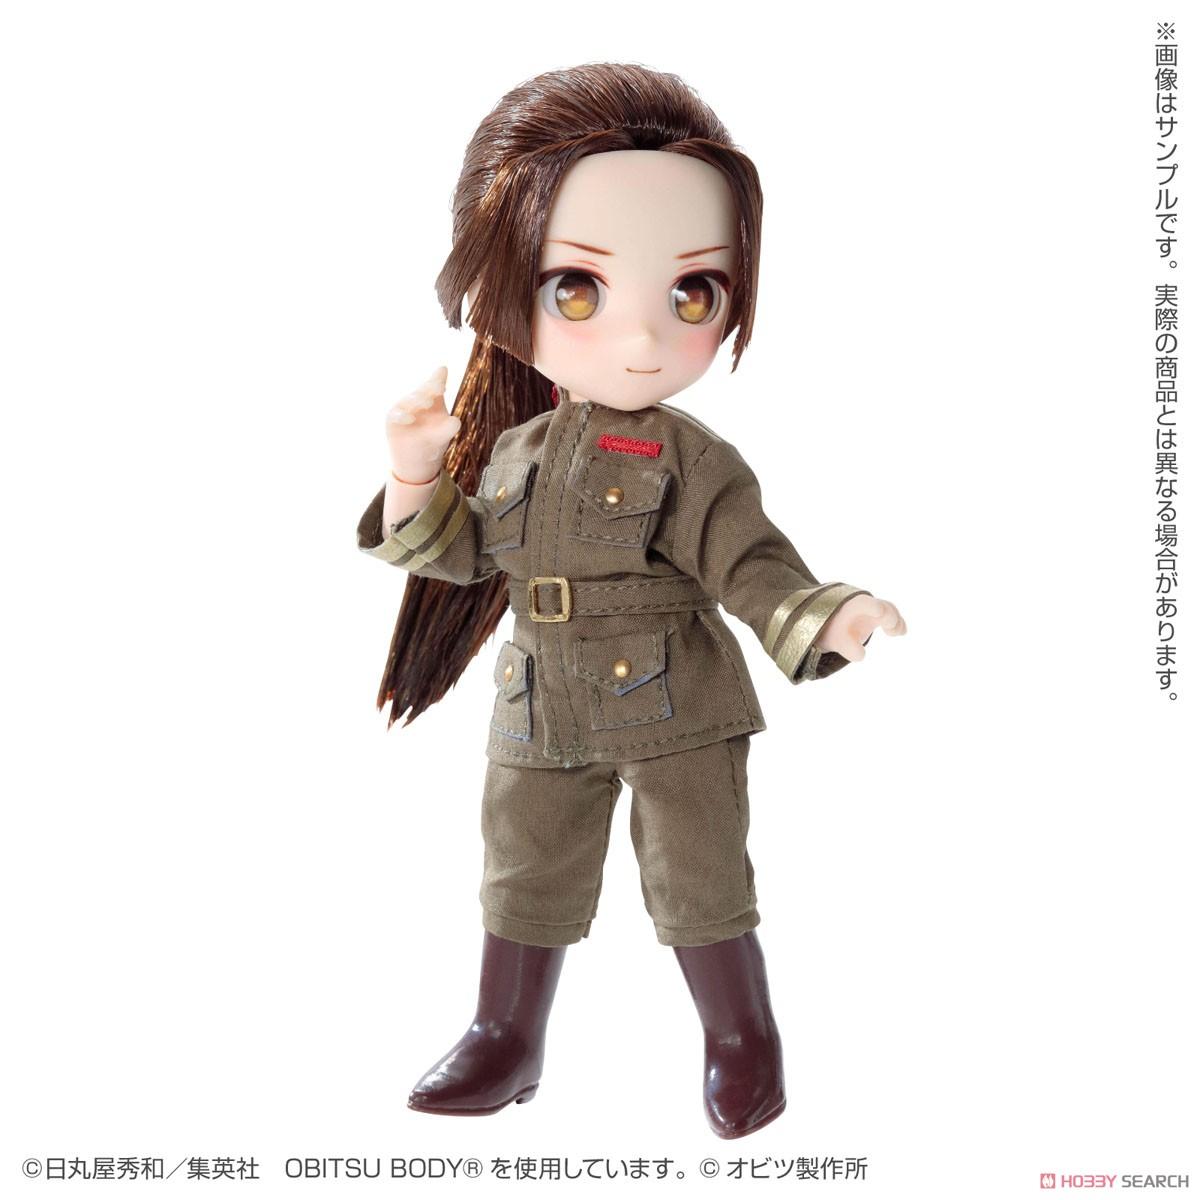 DOLPokke(ドルポッケ)No.006『中国』ヘタリア World☆Stars 完成品ドール-005